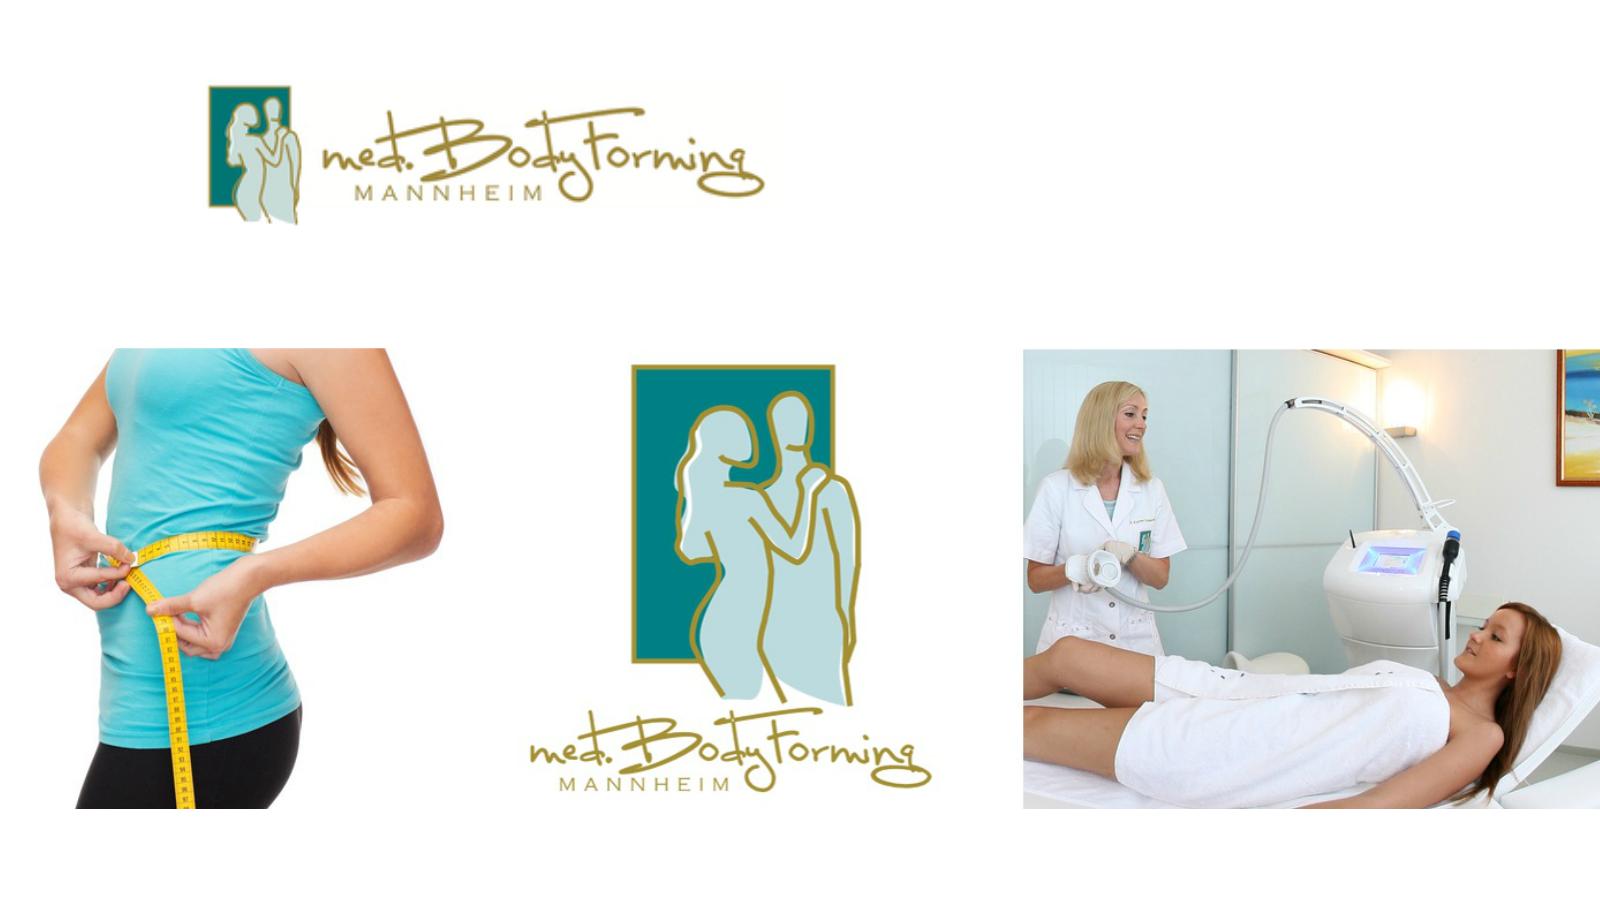 med. BodyForming Mannheim